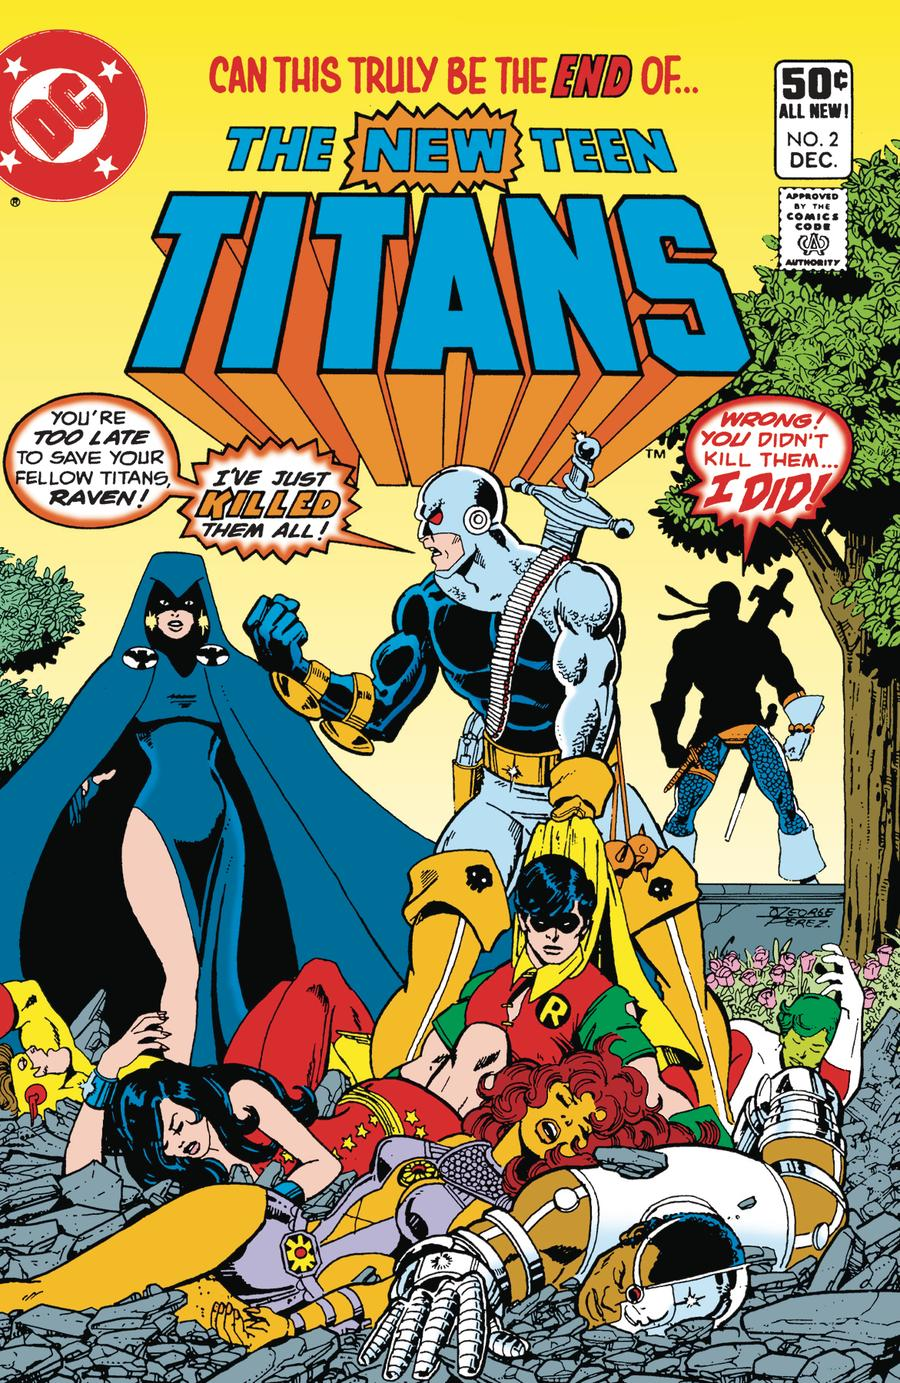 Dollar Comics New Teen Titans #2